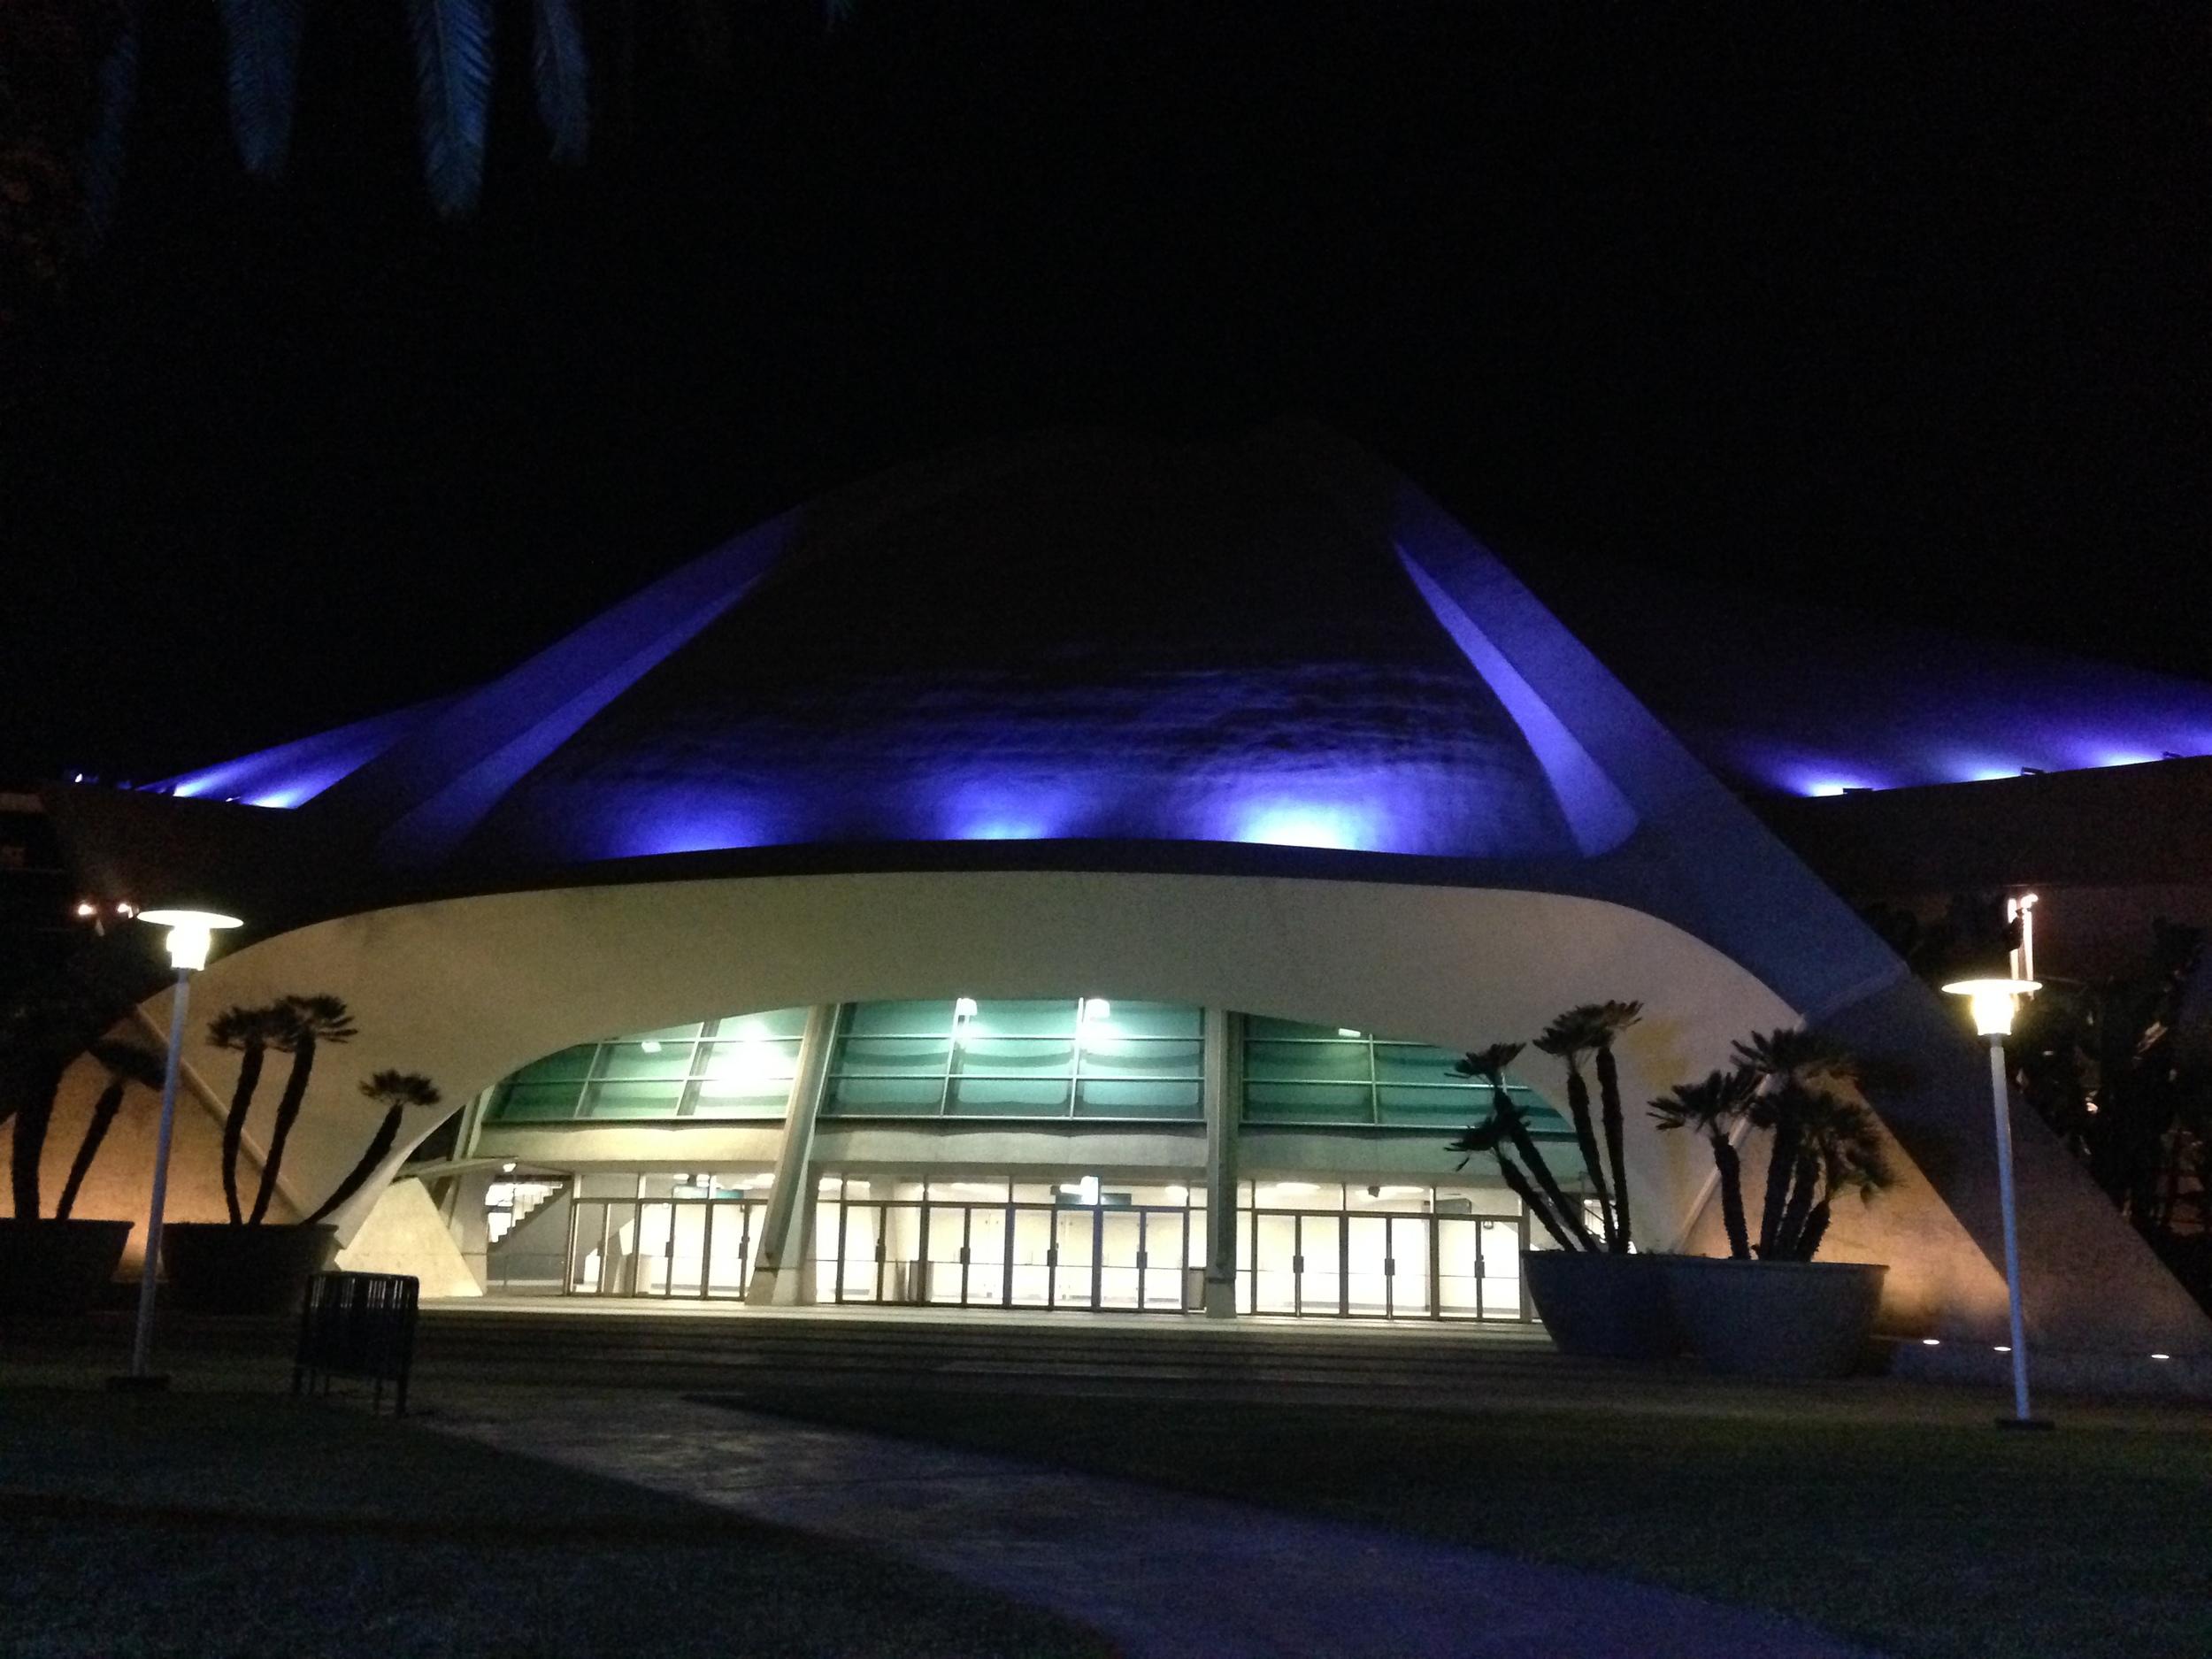 Anaheim Convention Center Arena